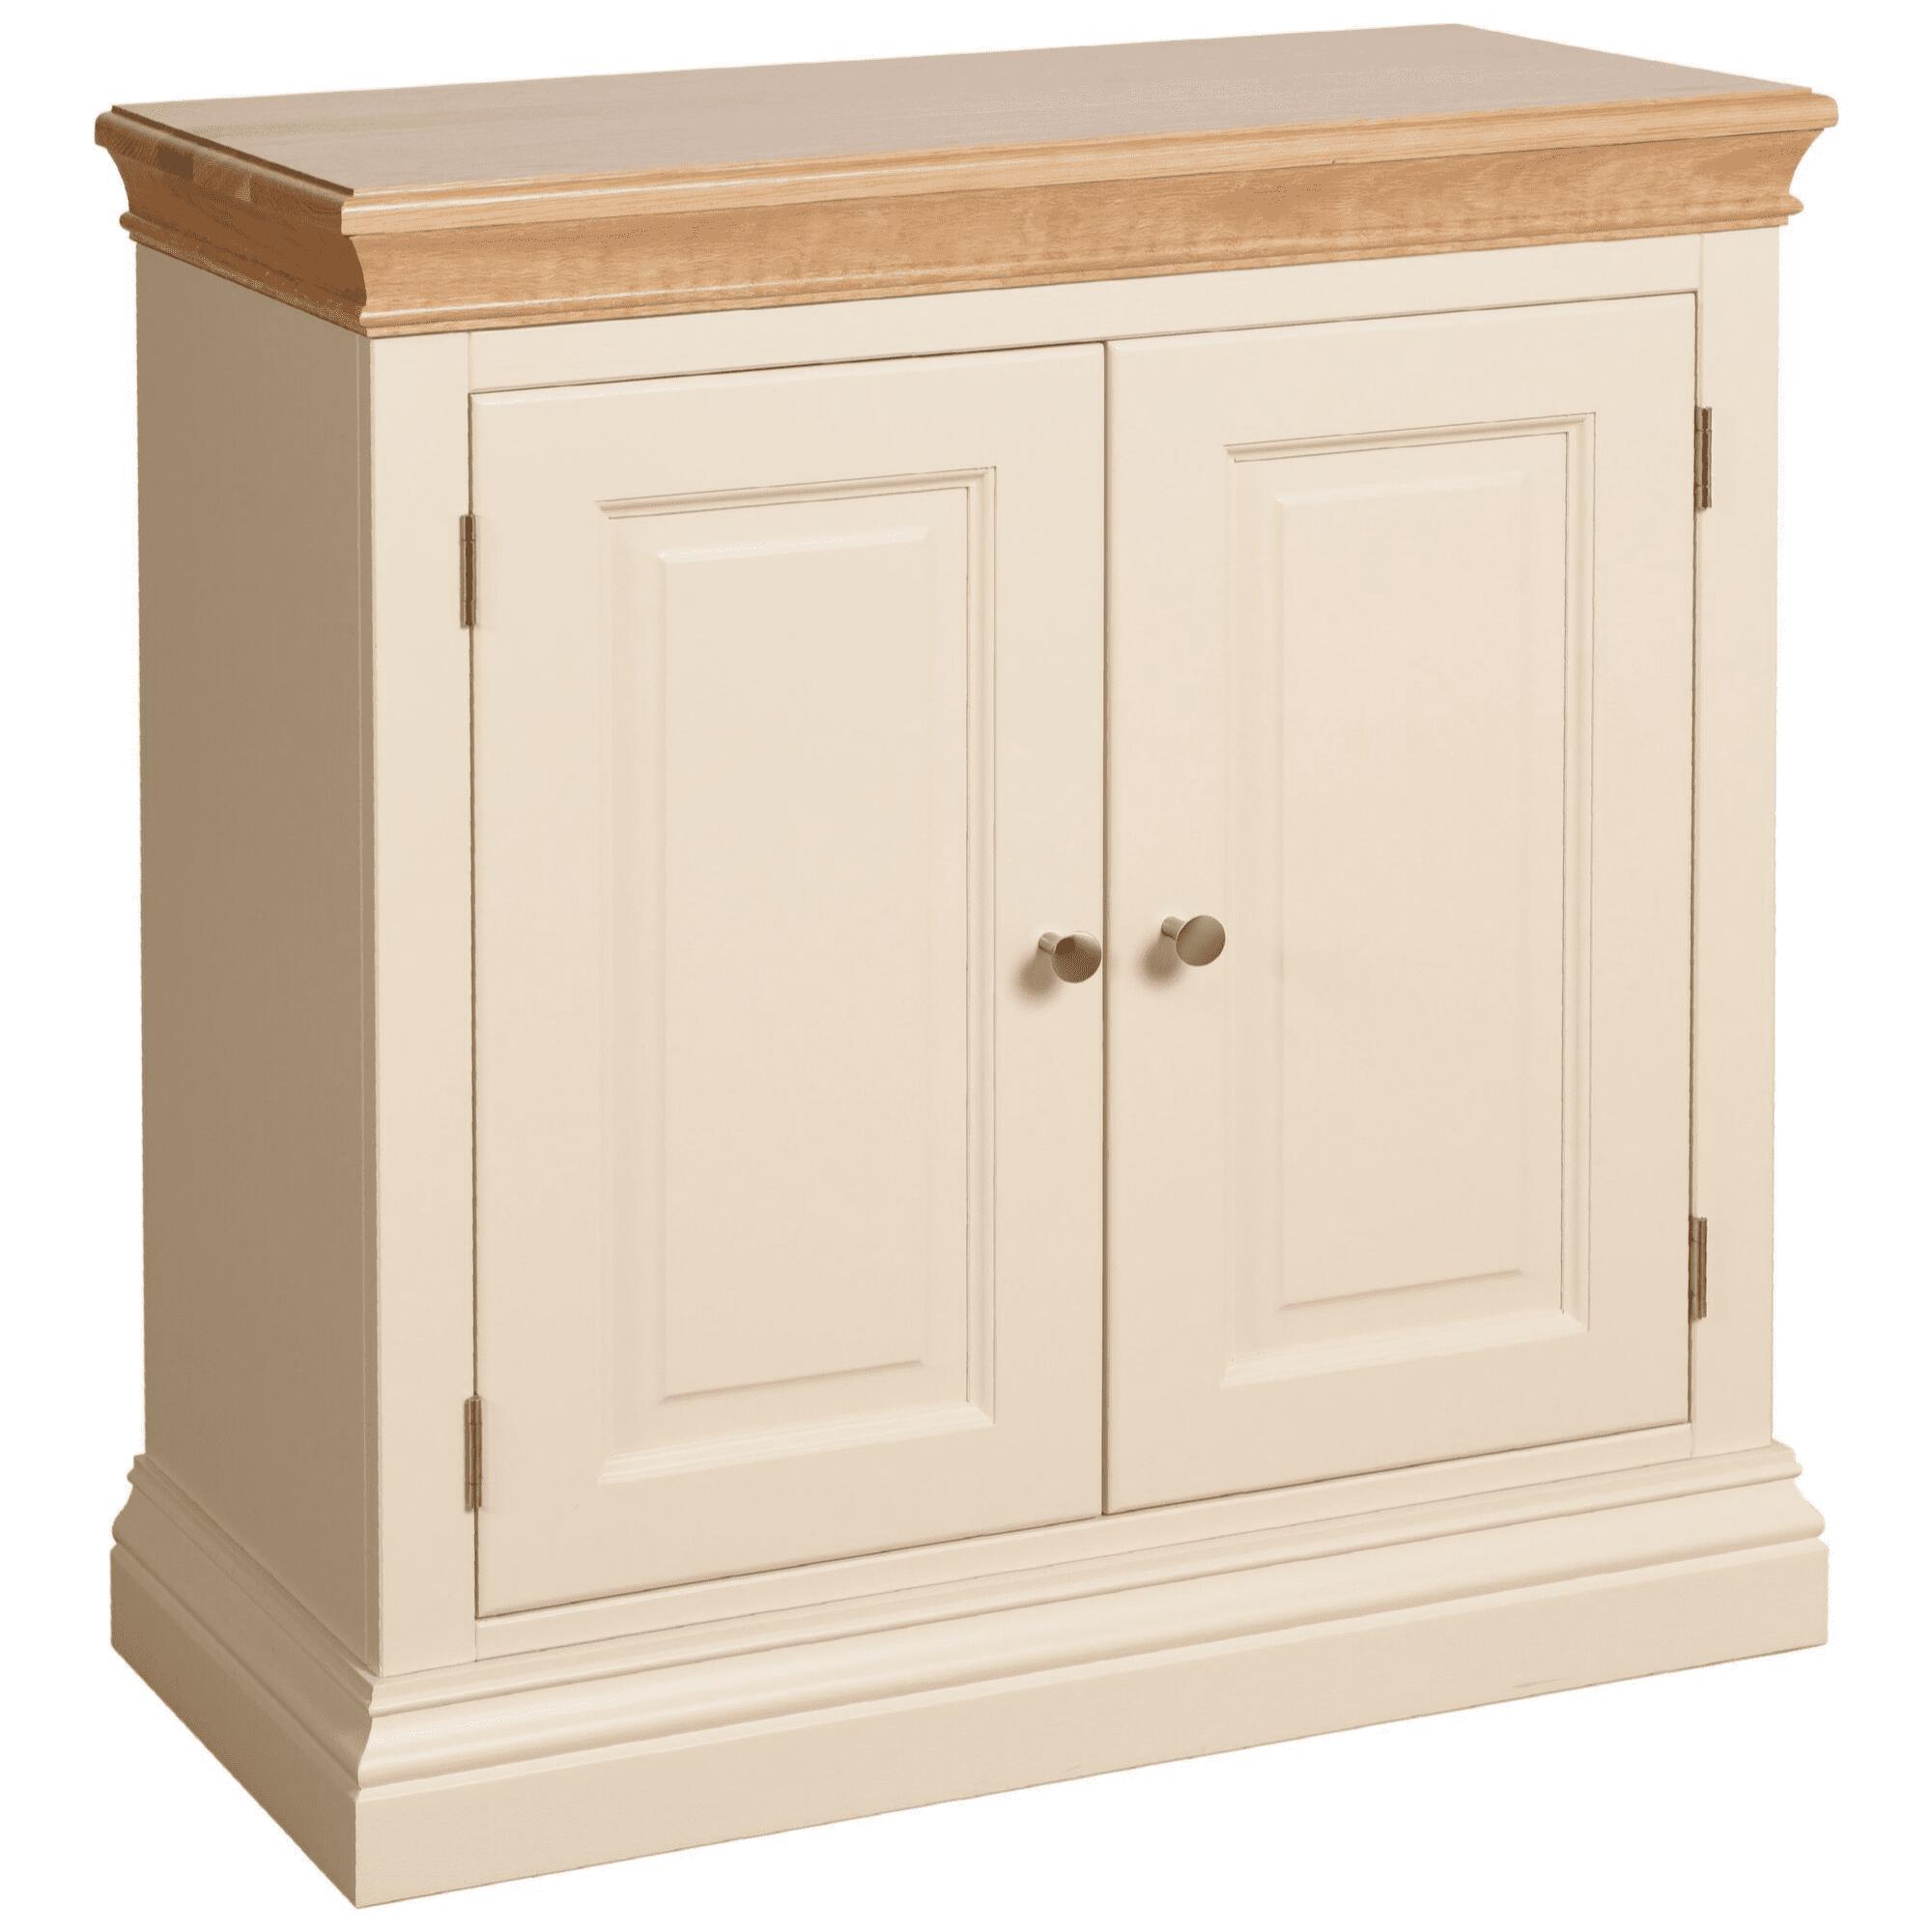 Lundy LS05 2 door cabinet